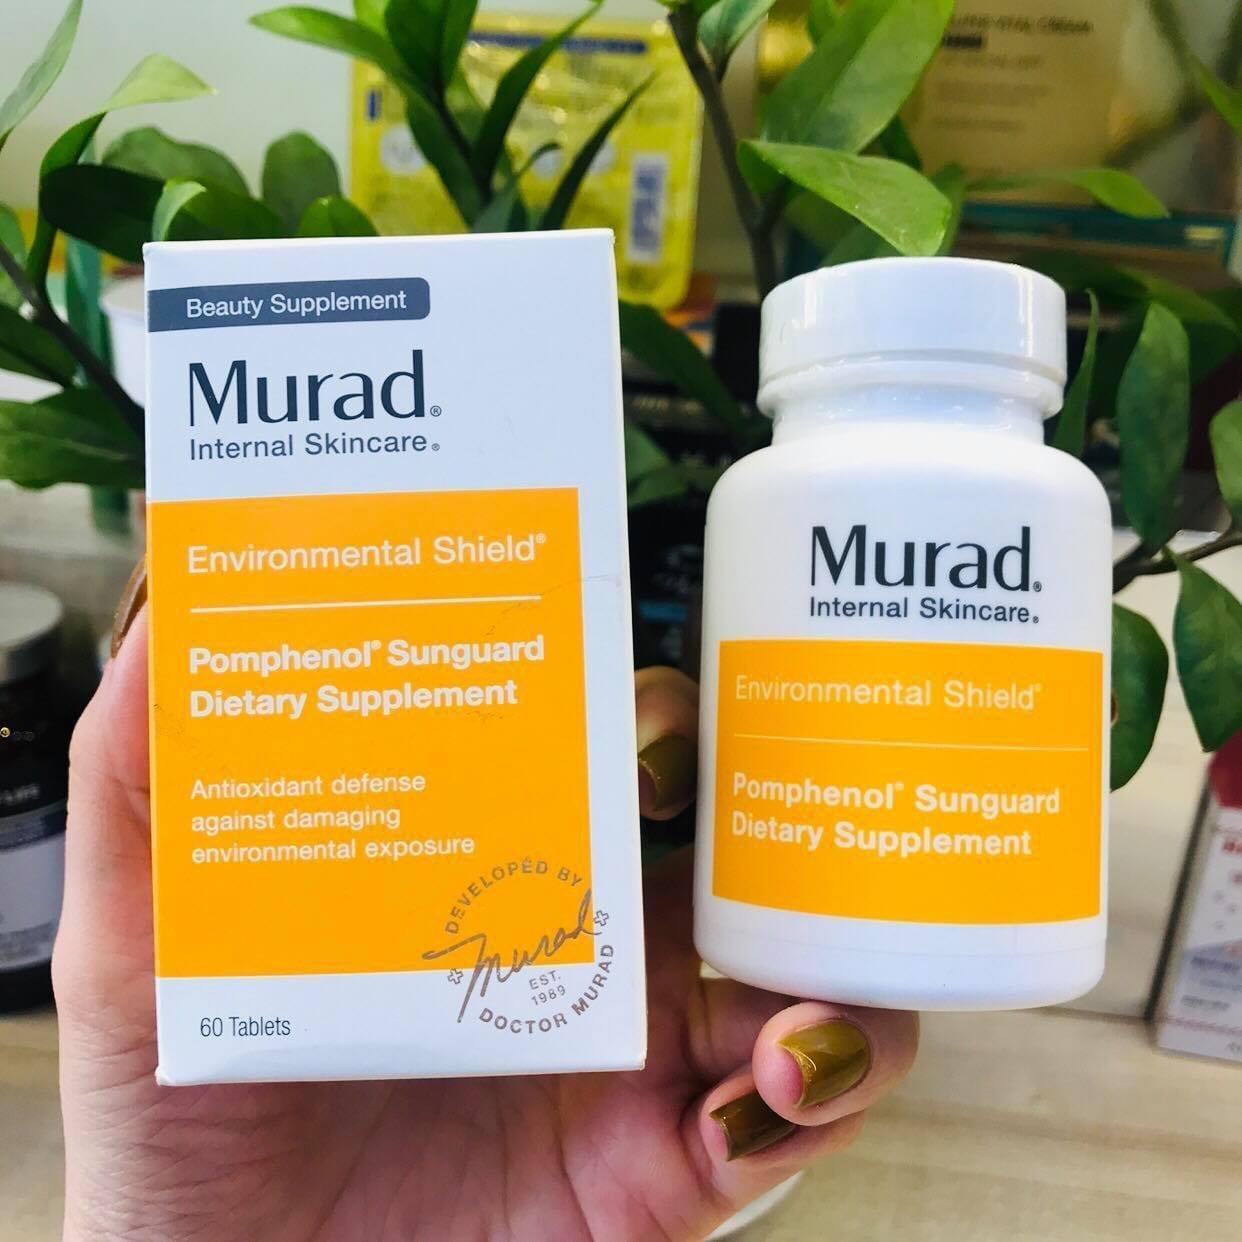 Viên uống chống nắng Murad bảo vệ da tối ưu